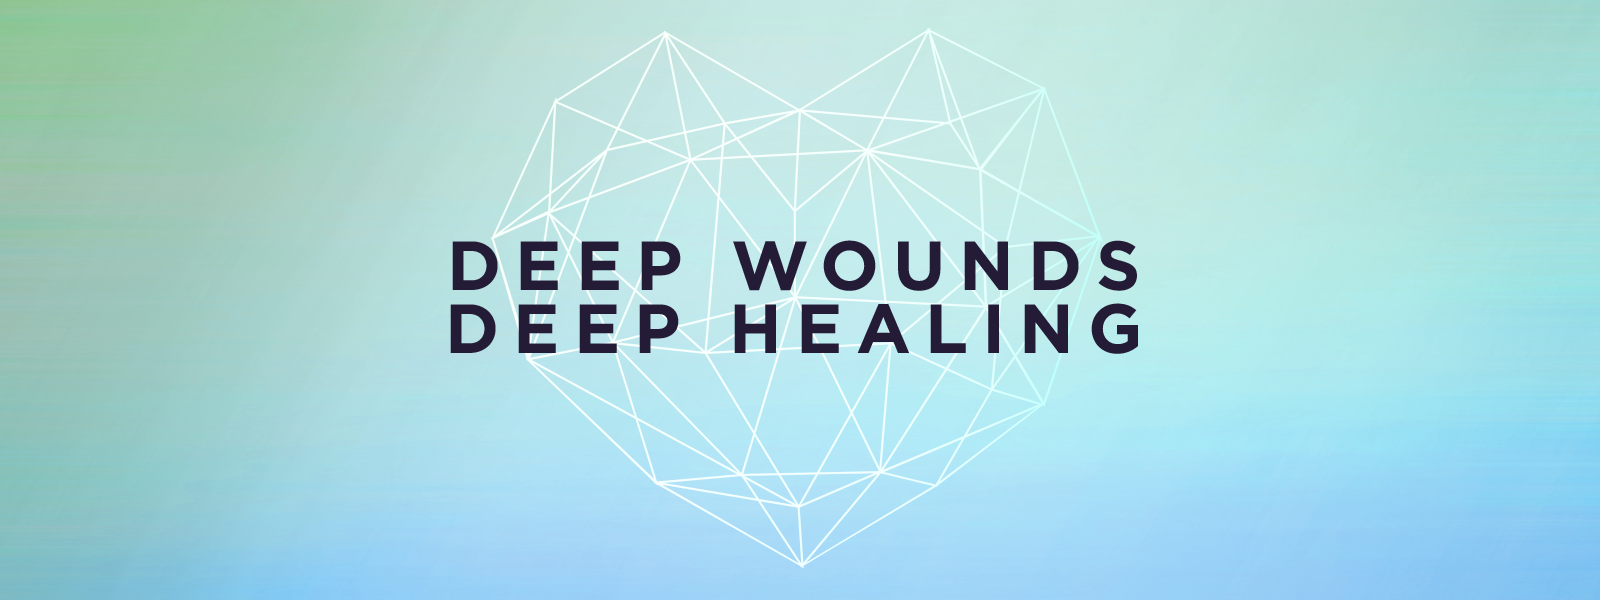 JFM-Hp-Deep-Wounds-Deep-Healing